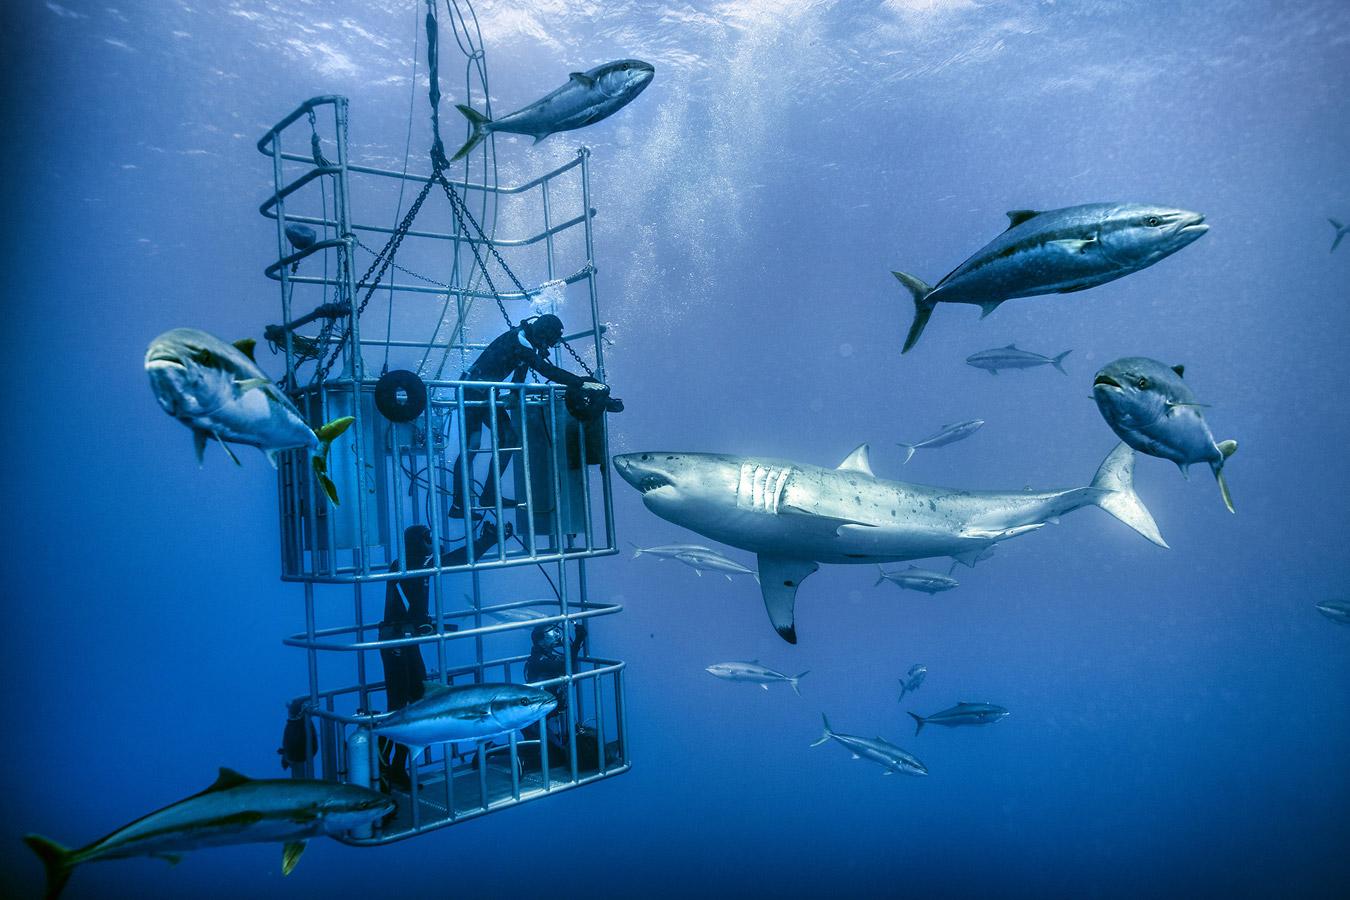 «Погружение к большой белой акуле, Гуадалупе», © Браун В. Кэннон III / Brown W. Cannon III, Бенд, США, Первое место в категории «Экшн / Приключения» – профессионал, Фотоконкурс «Адреналин» — Спортивная и экшн-фотография